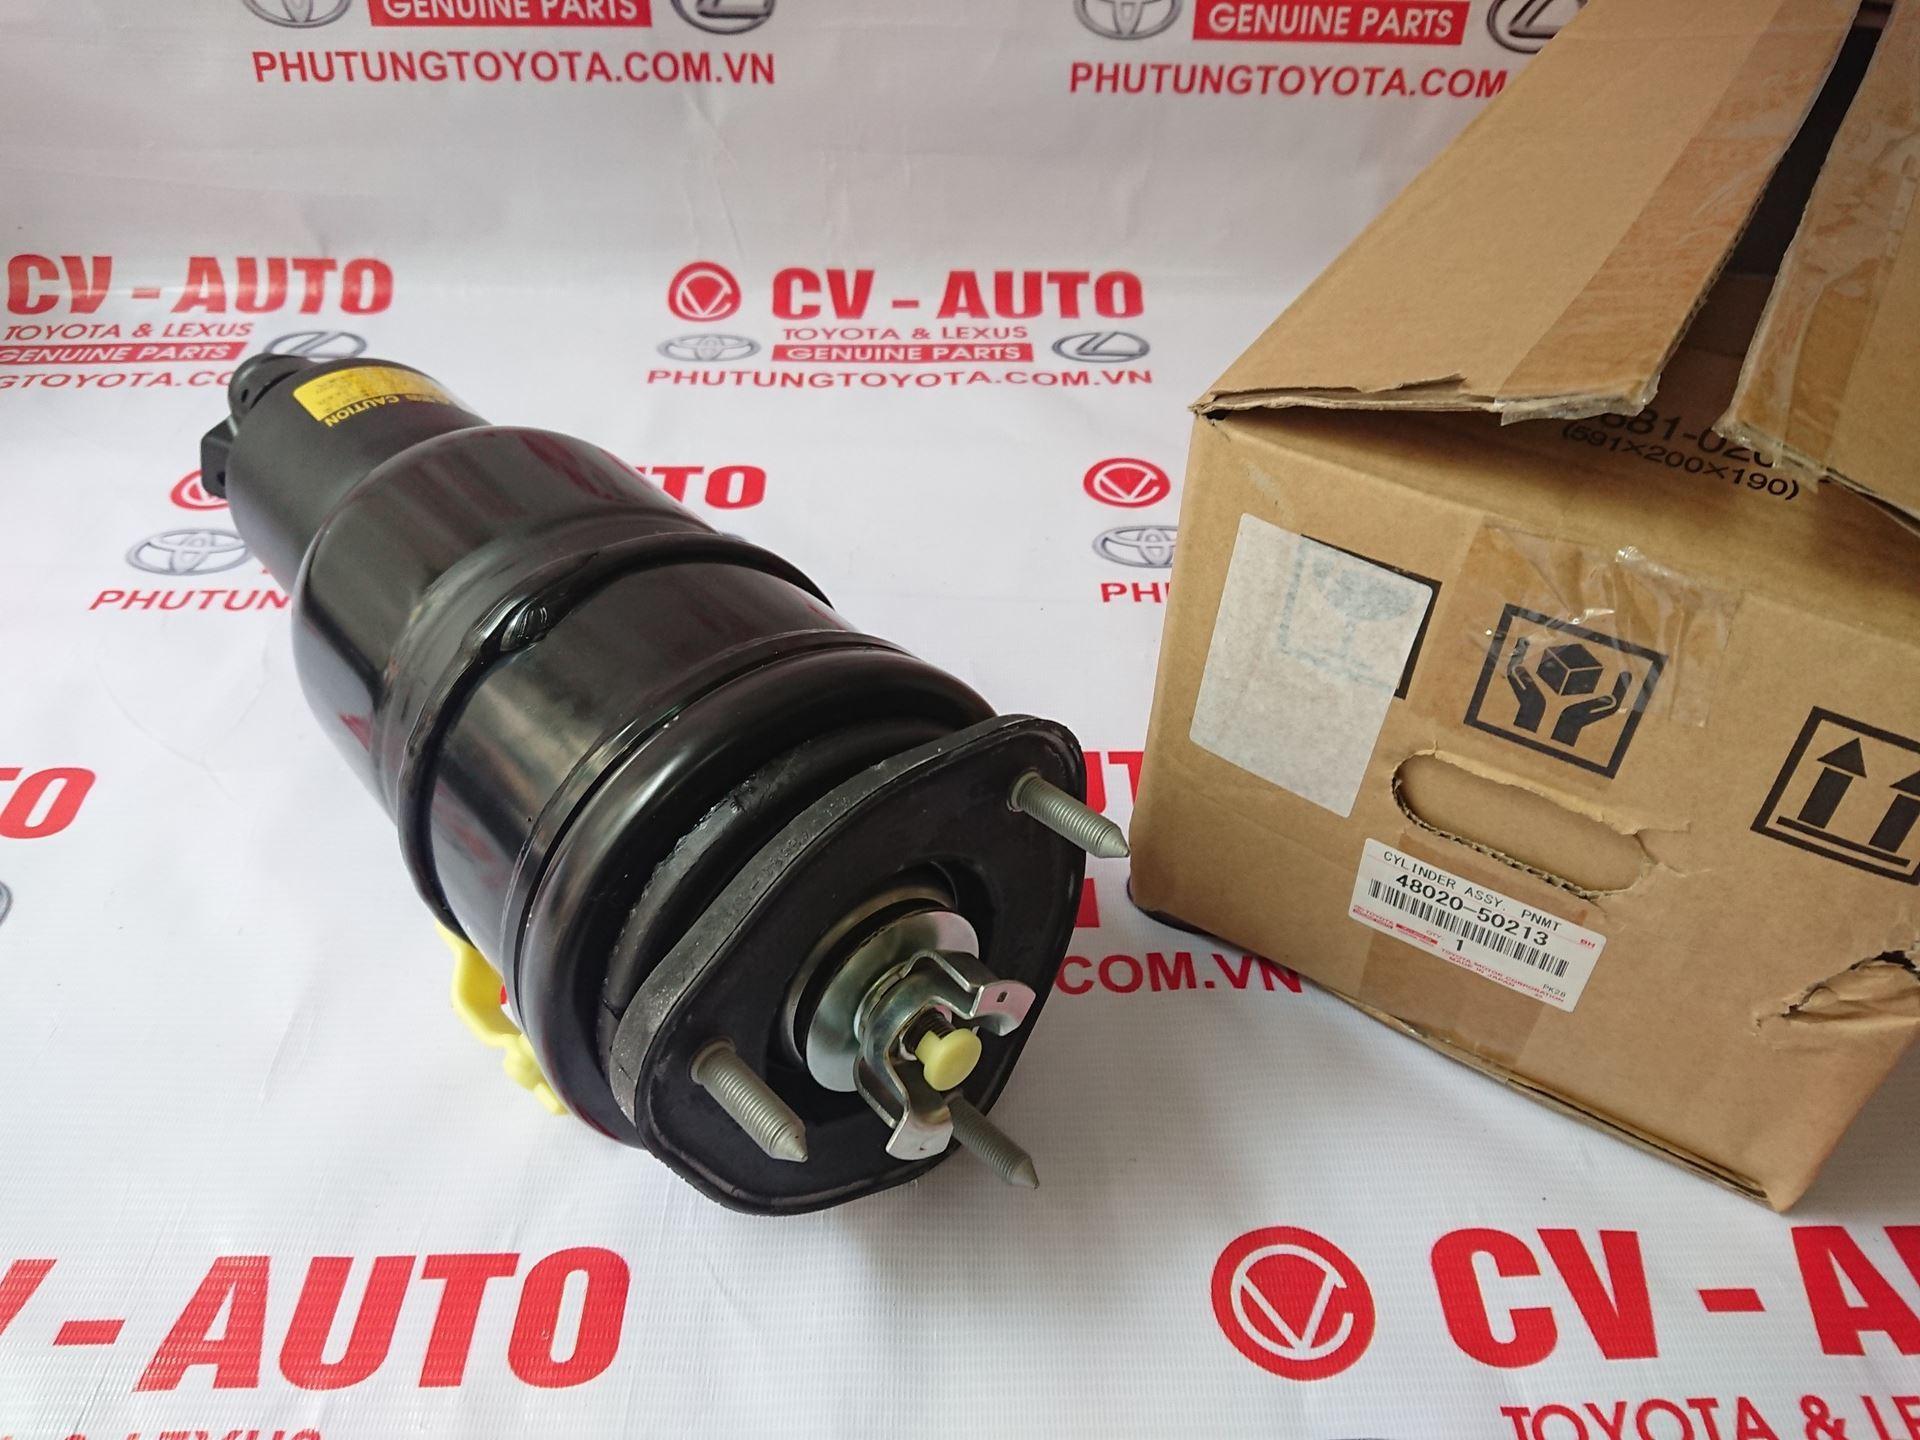 Picture of 48020-50213 48020-50210 48020-50211 Giảm xóc trước Lexus LS600H chính hãng